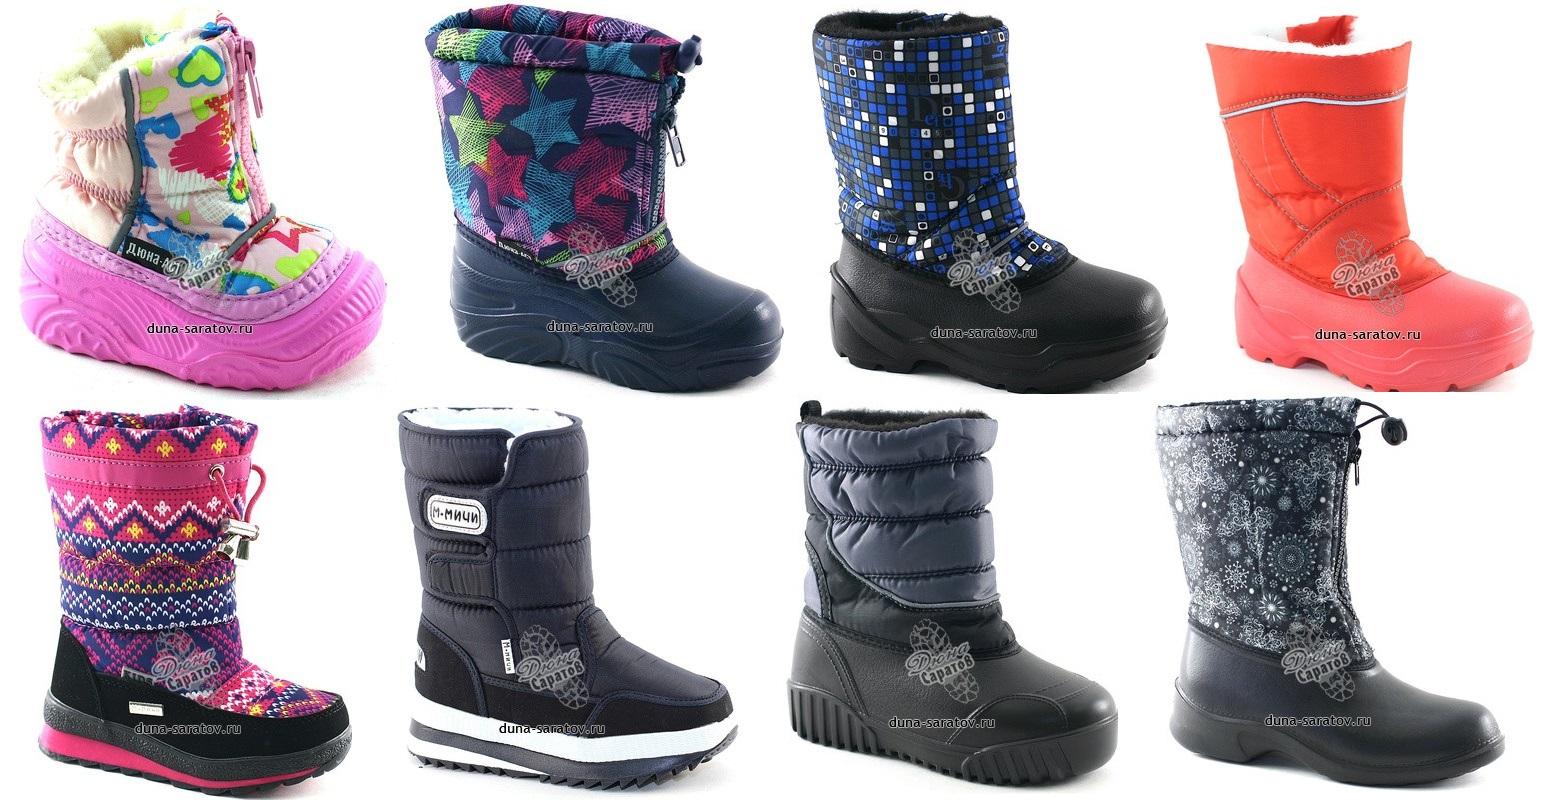 Обувь ПВХ, ЭВА - для всей семьи 9. Дутики, сапоги, галоши, сланцы. Школьная обувь - туфли, балетки, ботинки, кеды, кроссовки. Низкие цены!